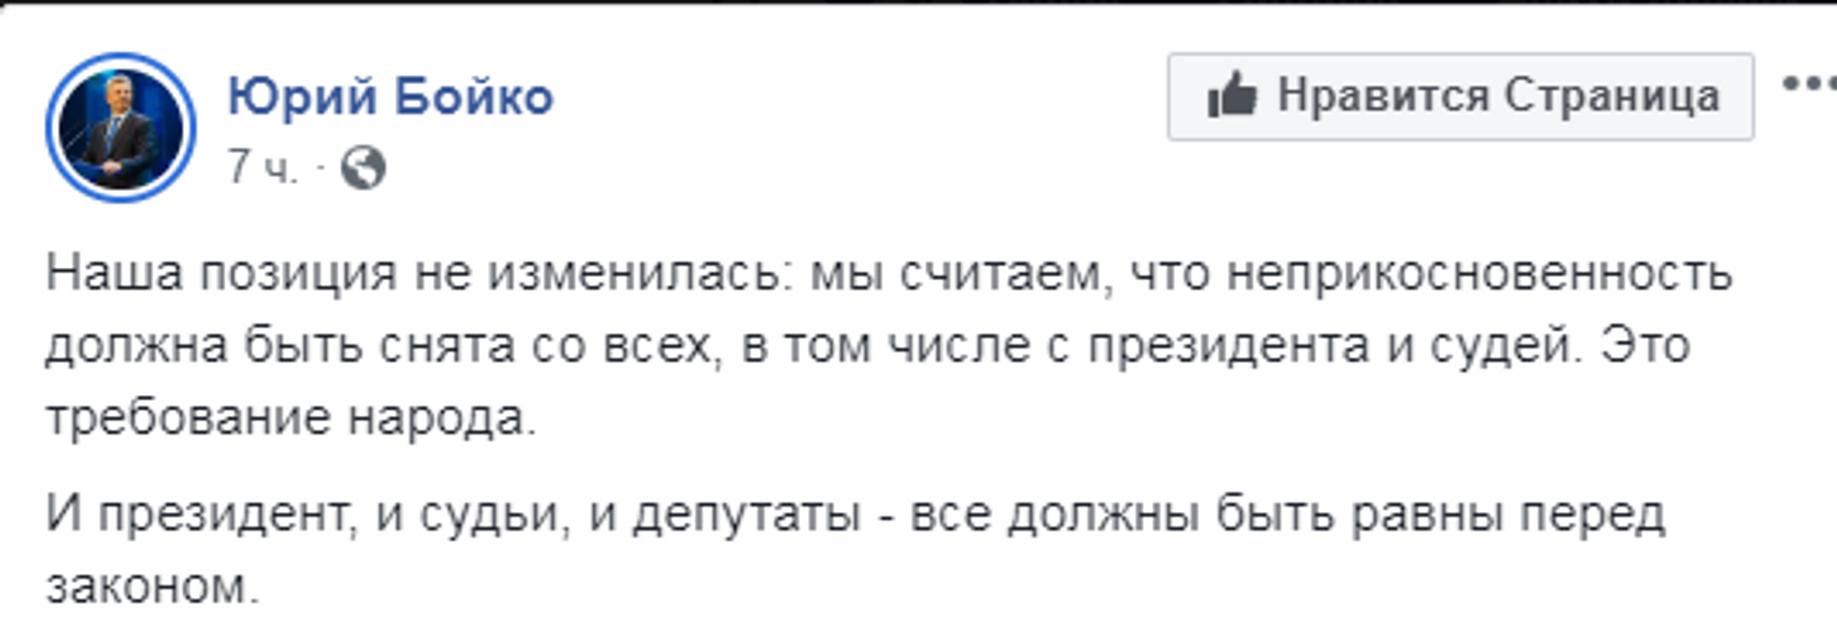 Депутаты лишились неприкосновенности: РЕАКЦИЯ СЕТИ - фото 187058